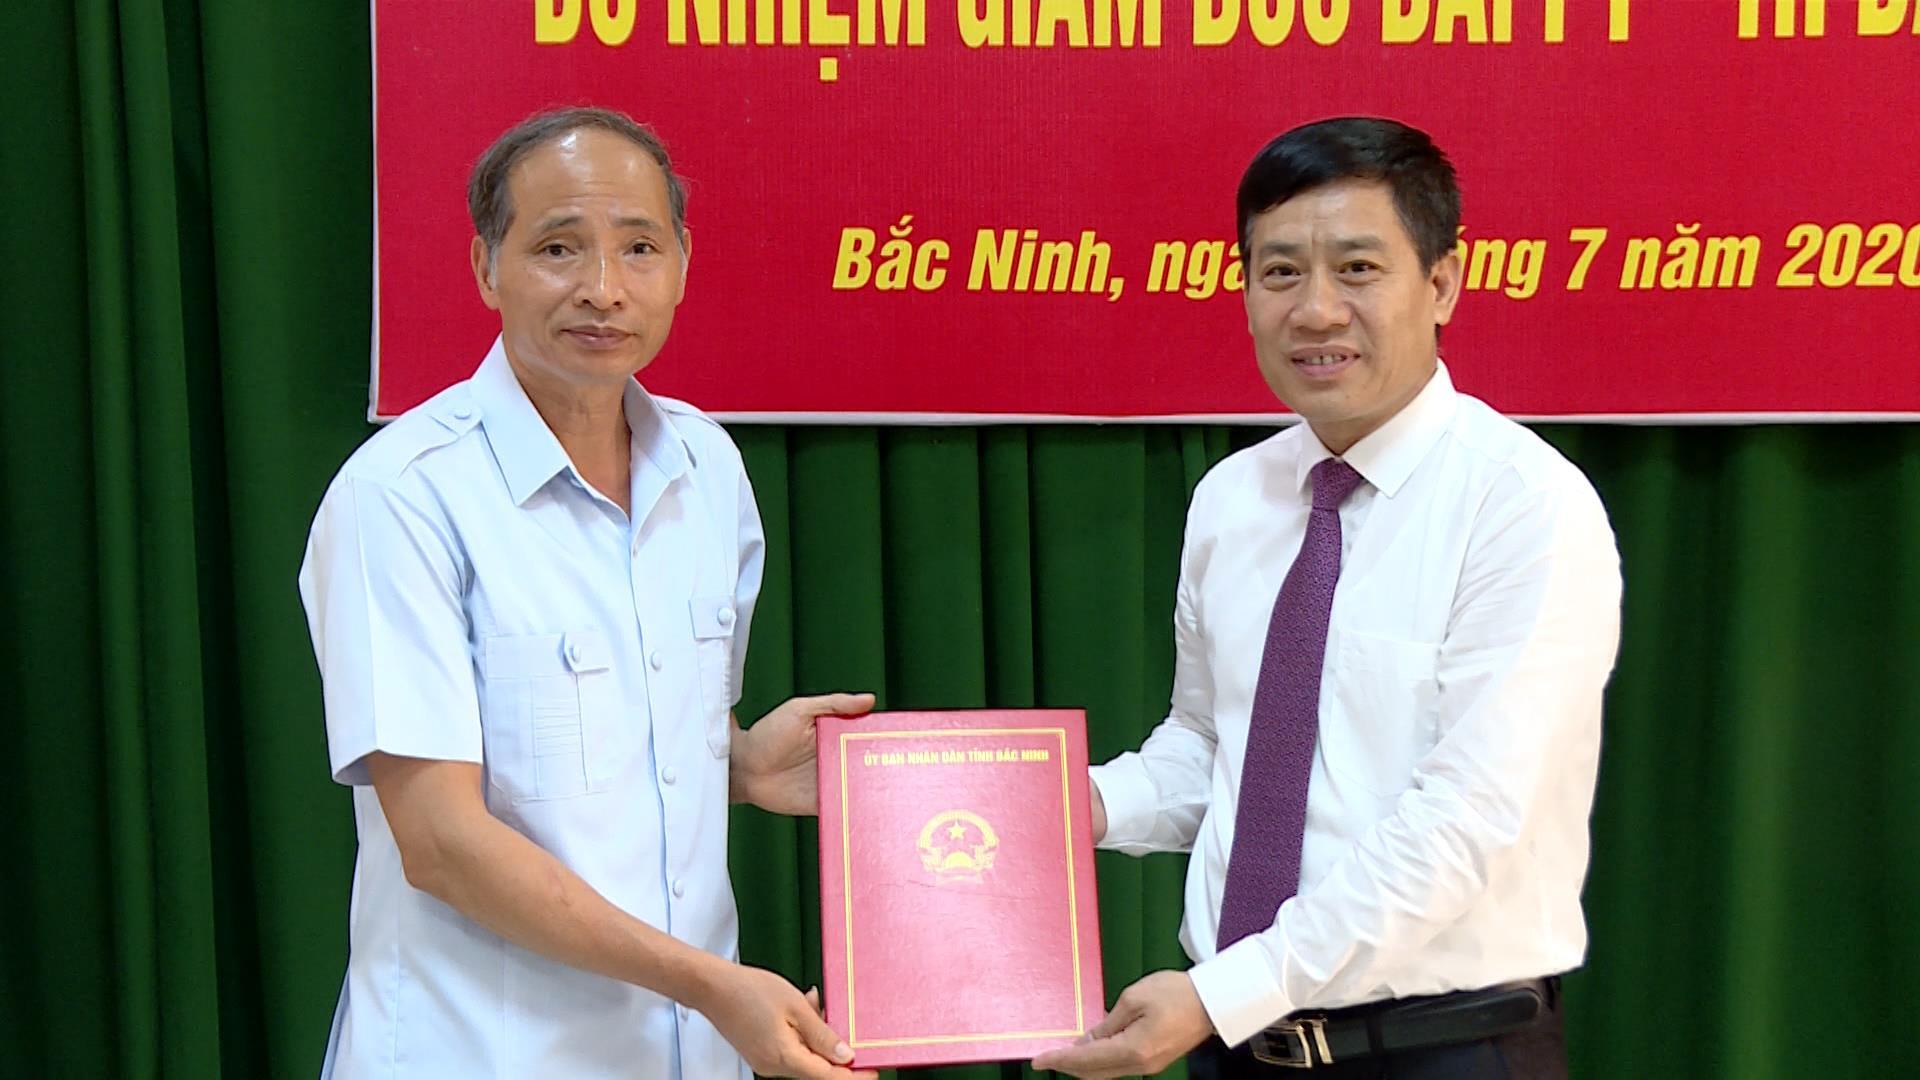 Trao Quyết định Bổ nhiệm Giám đốc Đài Phát thanh và Truyền hình Bắc Ninh